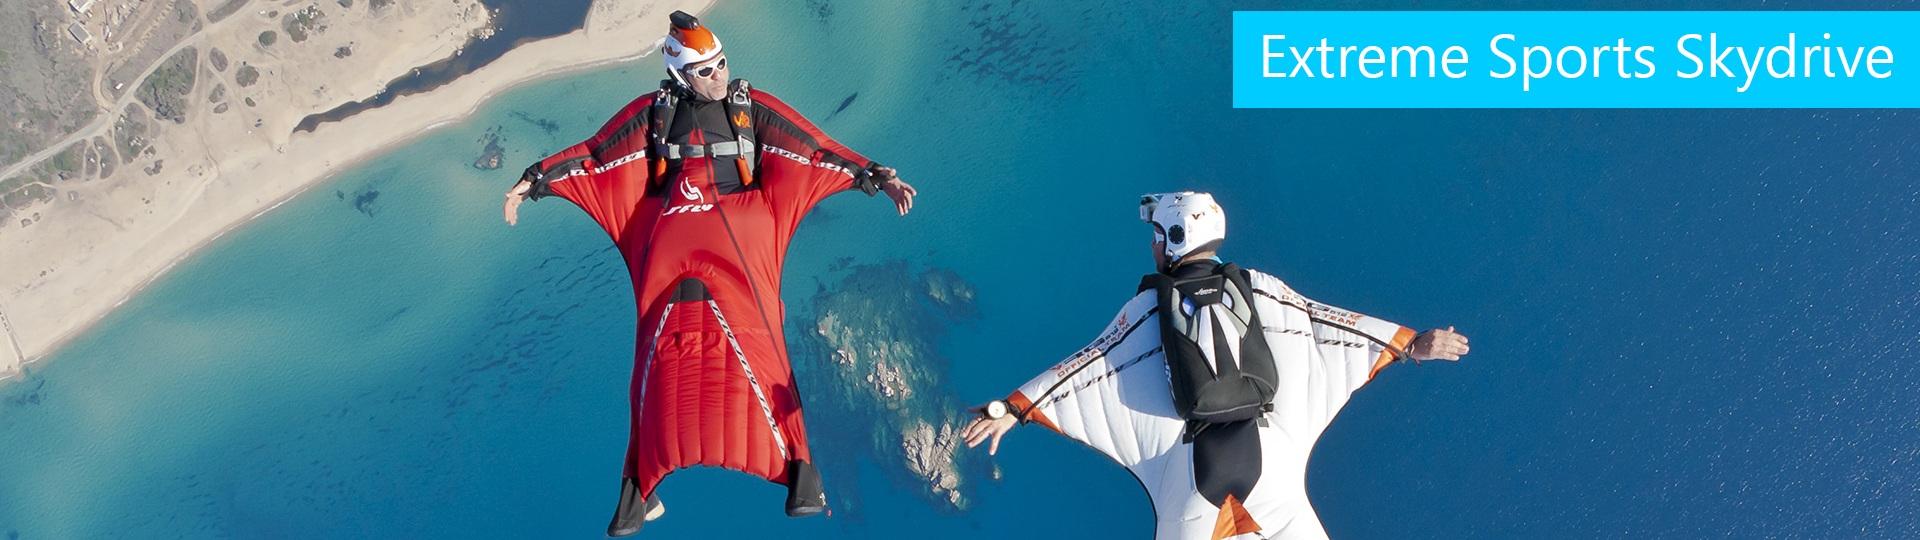 เอ็กซ์ตรีมไทยแลนด์ กีฬา Extreme อุปกรณ์ sport world